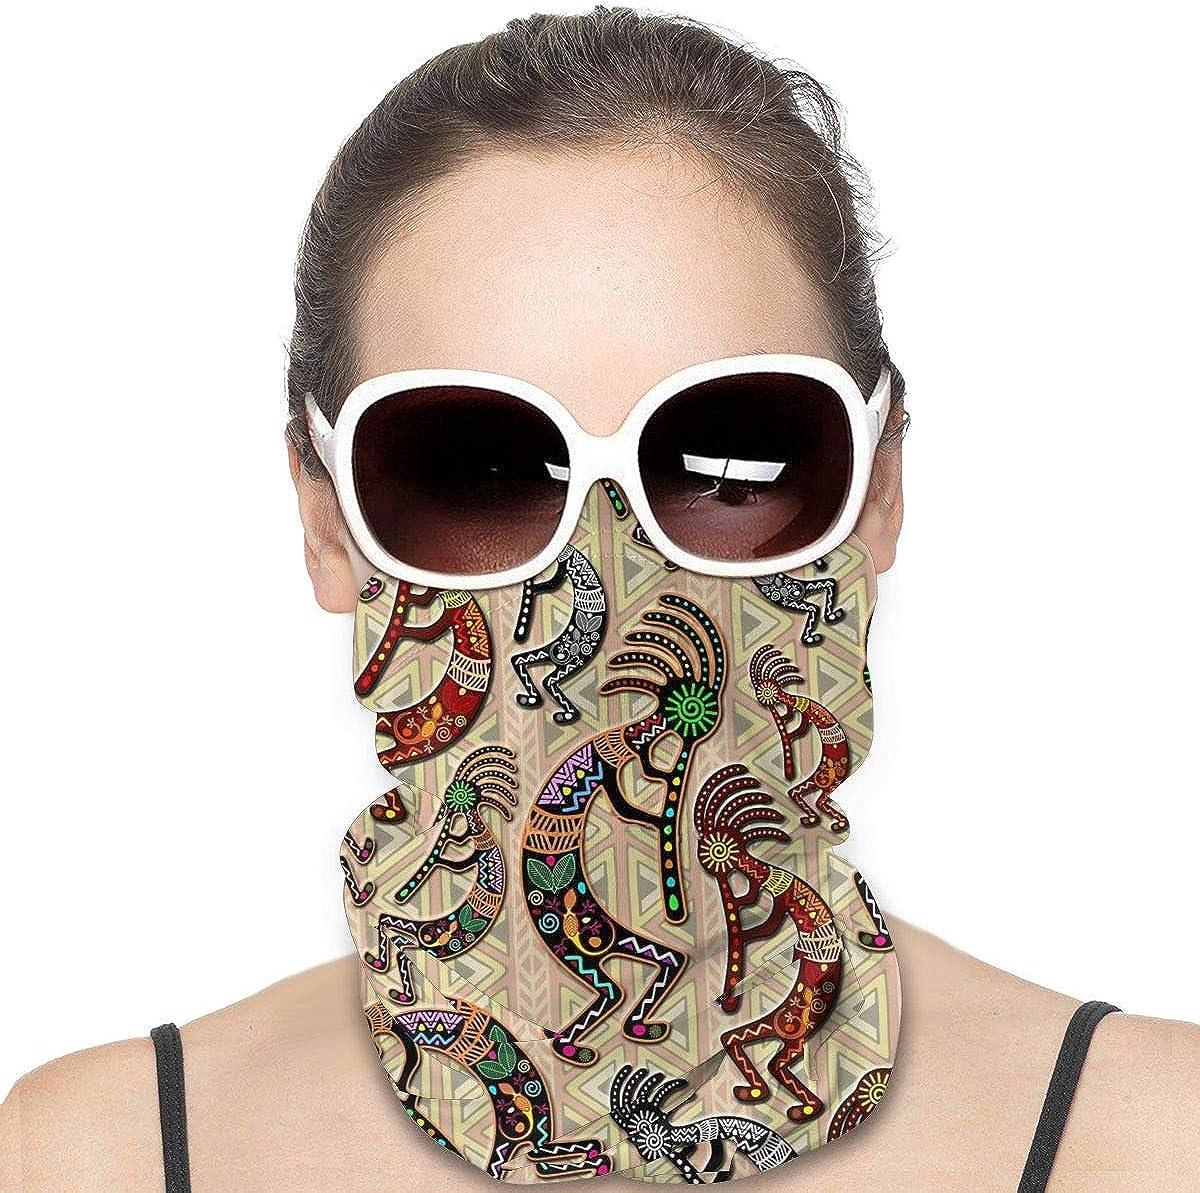 JinSPef Bandana Face Mask - Kokopelli Tribal Rainbow Pattern Motorcycle Mask Bandana Face Mask Multifunctional Headwear Head Bands Neck Warmer Men Headband Sun Mask